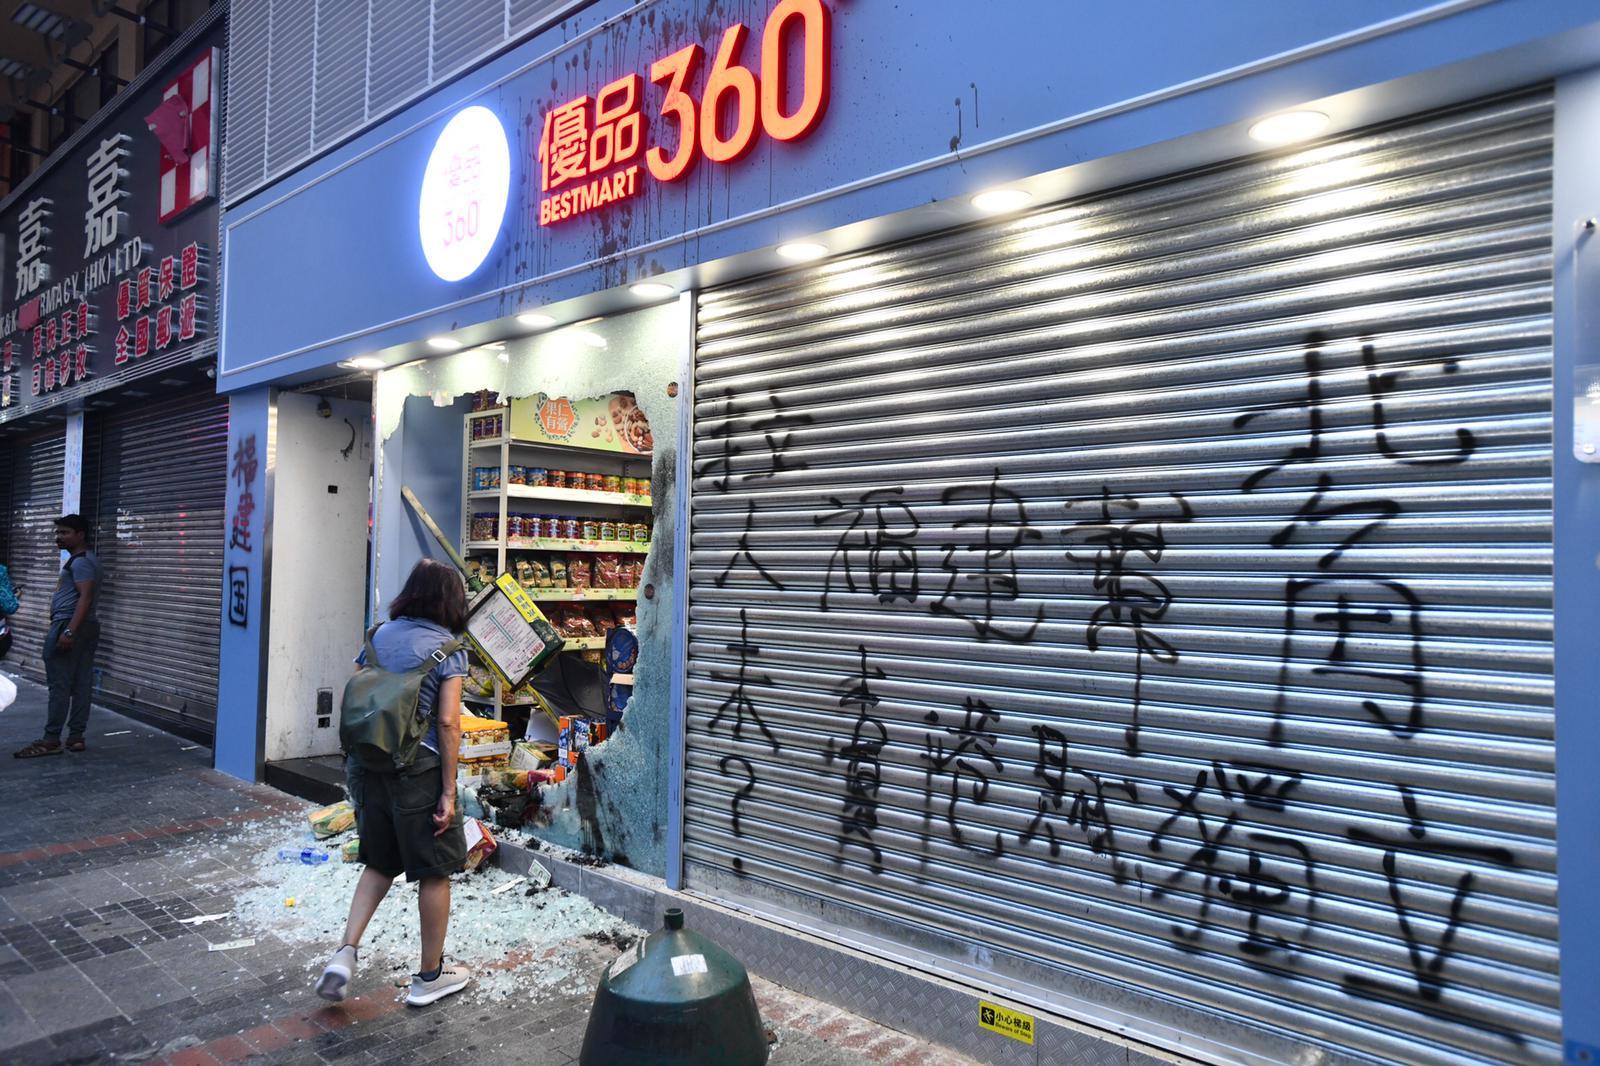 【修例风波】示威者纵火破坏荃湾商户 捣乱零食店毁银行柜员机